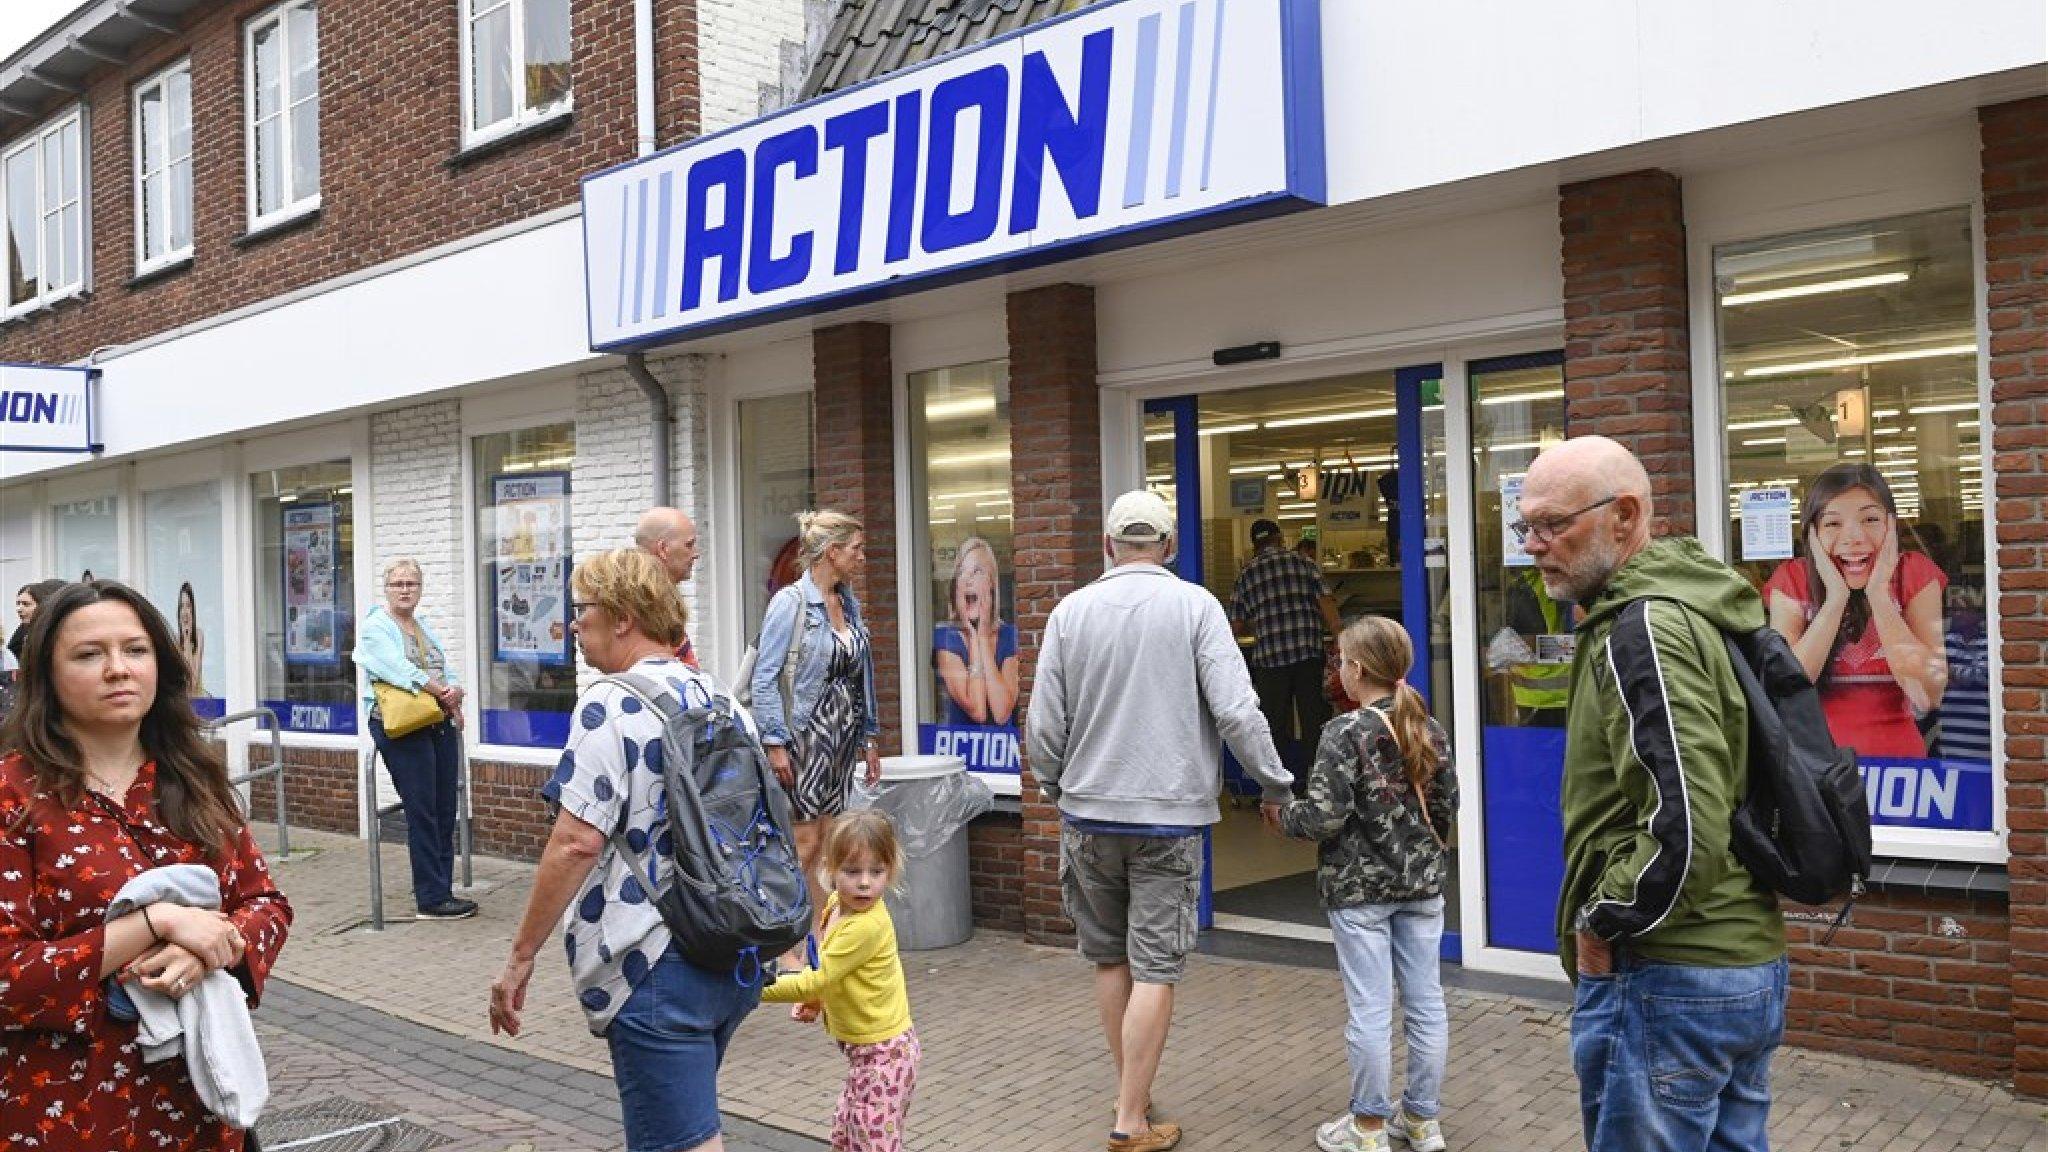 Tien minuten winkelen bij Action kan vanaf 3 maart - RTL Nieuws